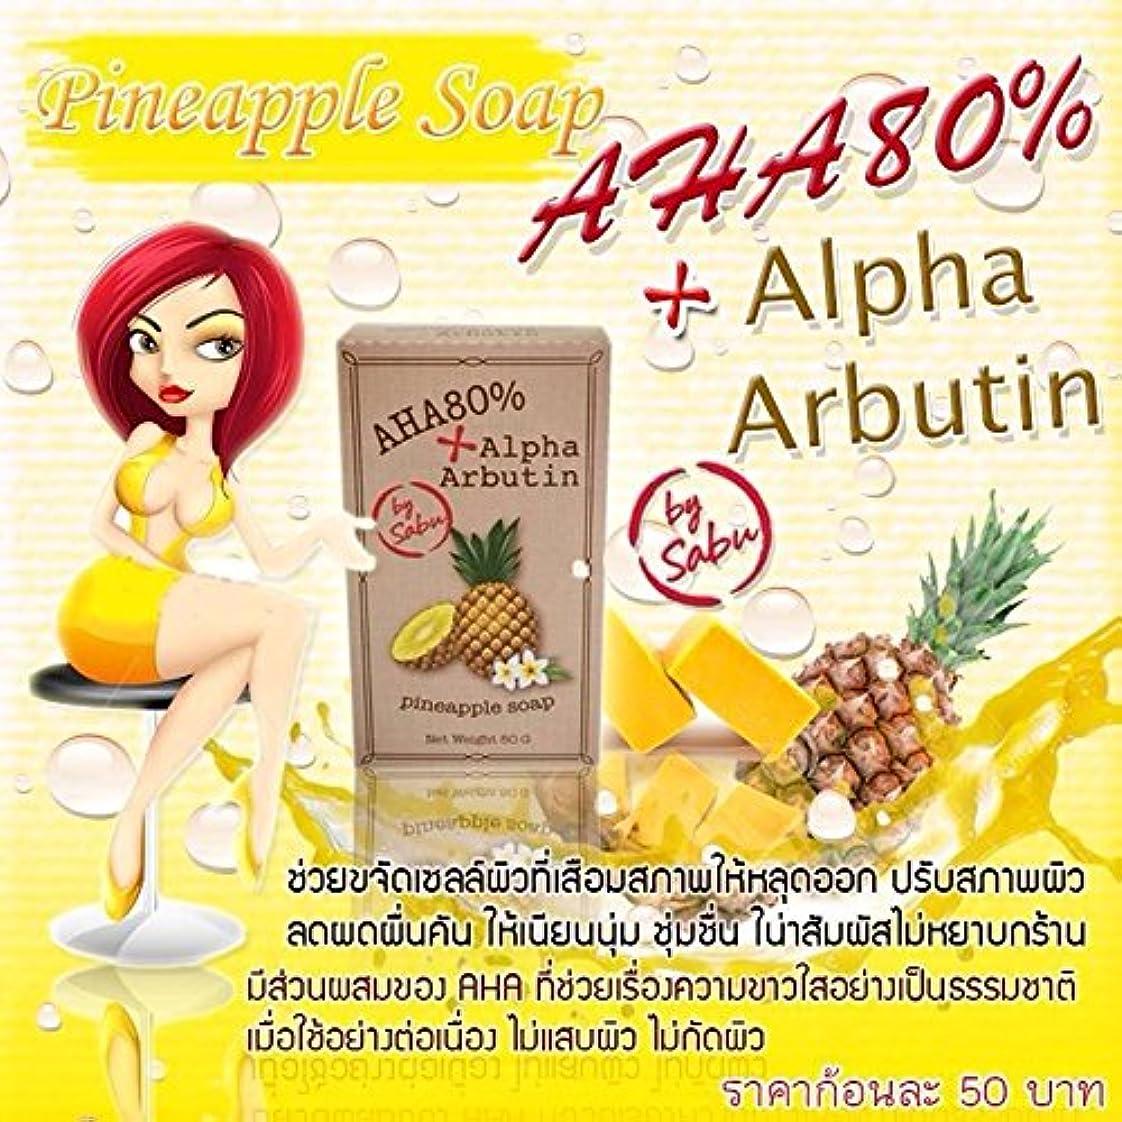 減る奇跡的なのり1 X Natural Herbal Whitening Soap.Alpha-Arbutin Pineapple AHA 80%. The skin whitening process is rapid. 80 g. Free shipping